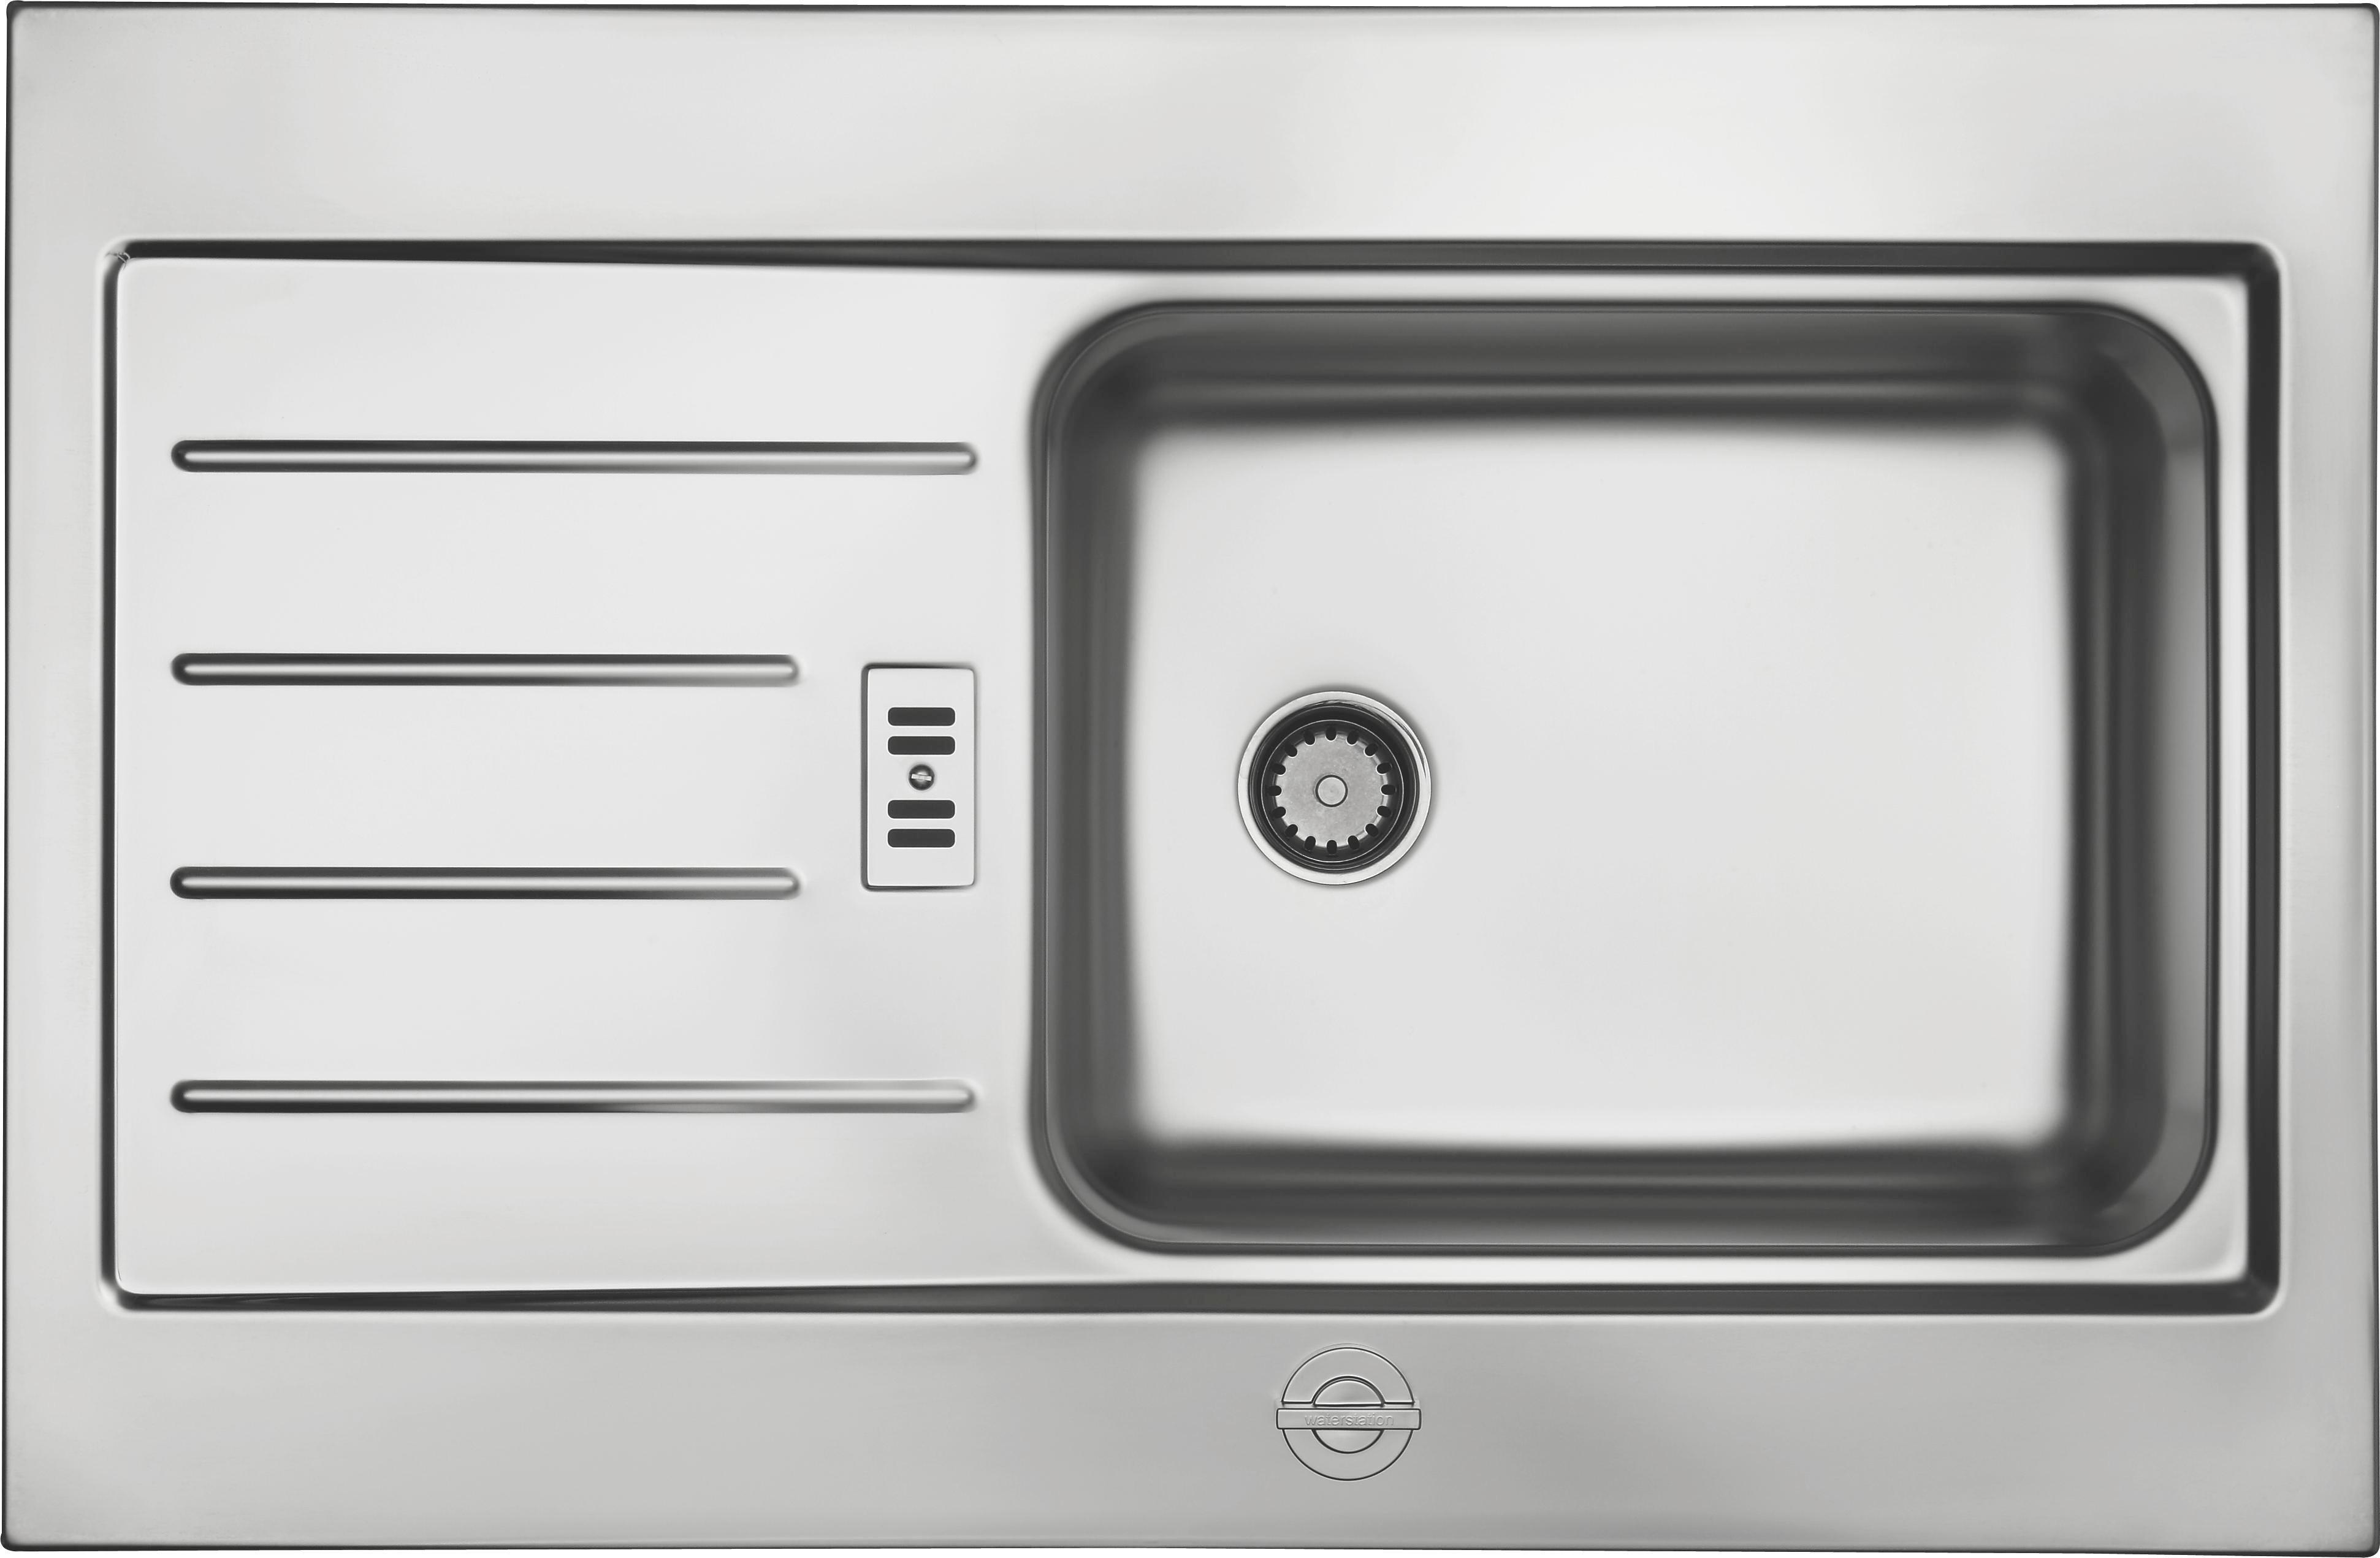 Fantastisch Beste Plätze Küchenspülen Kaufen Ideen - Ideen Für Die ...